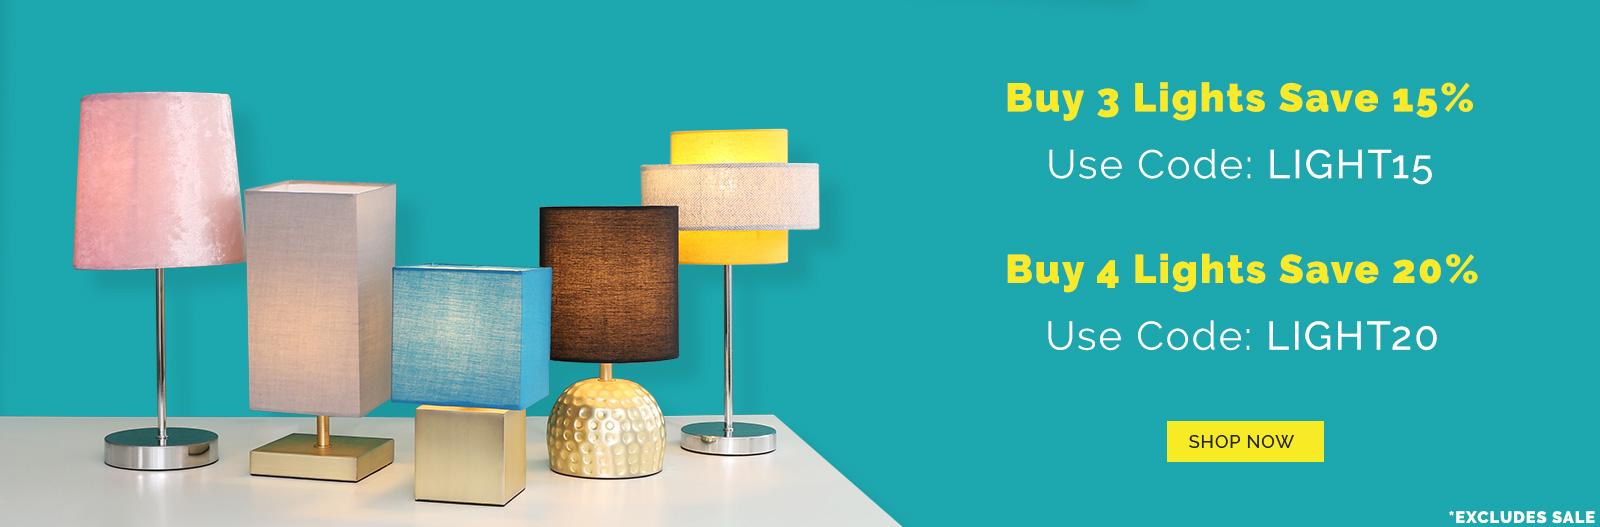 Buy 3 Lights Save 15% | Buy 4 Lights Save 20% *Excludes Light Bulbs